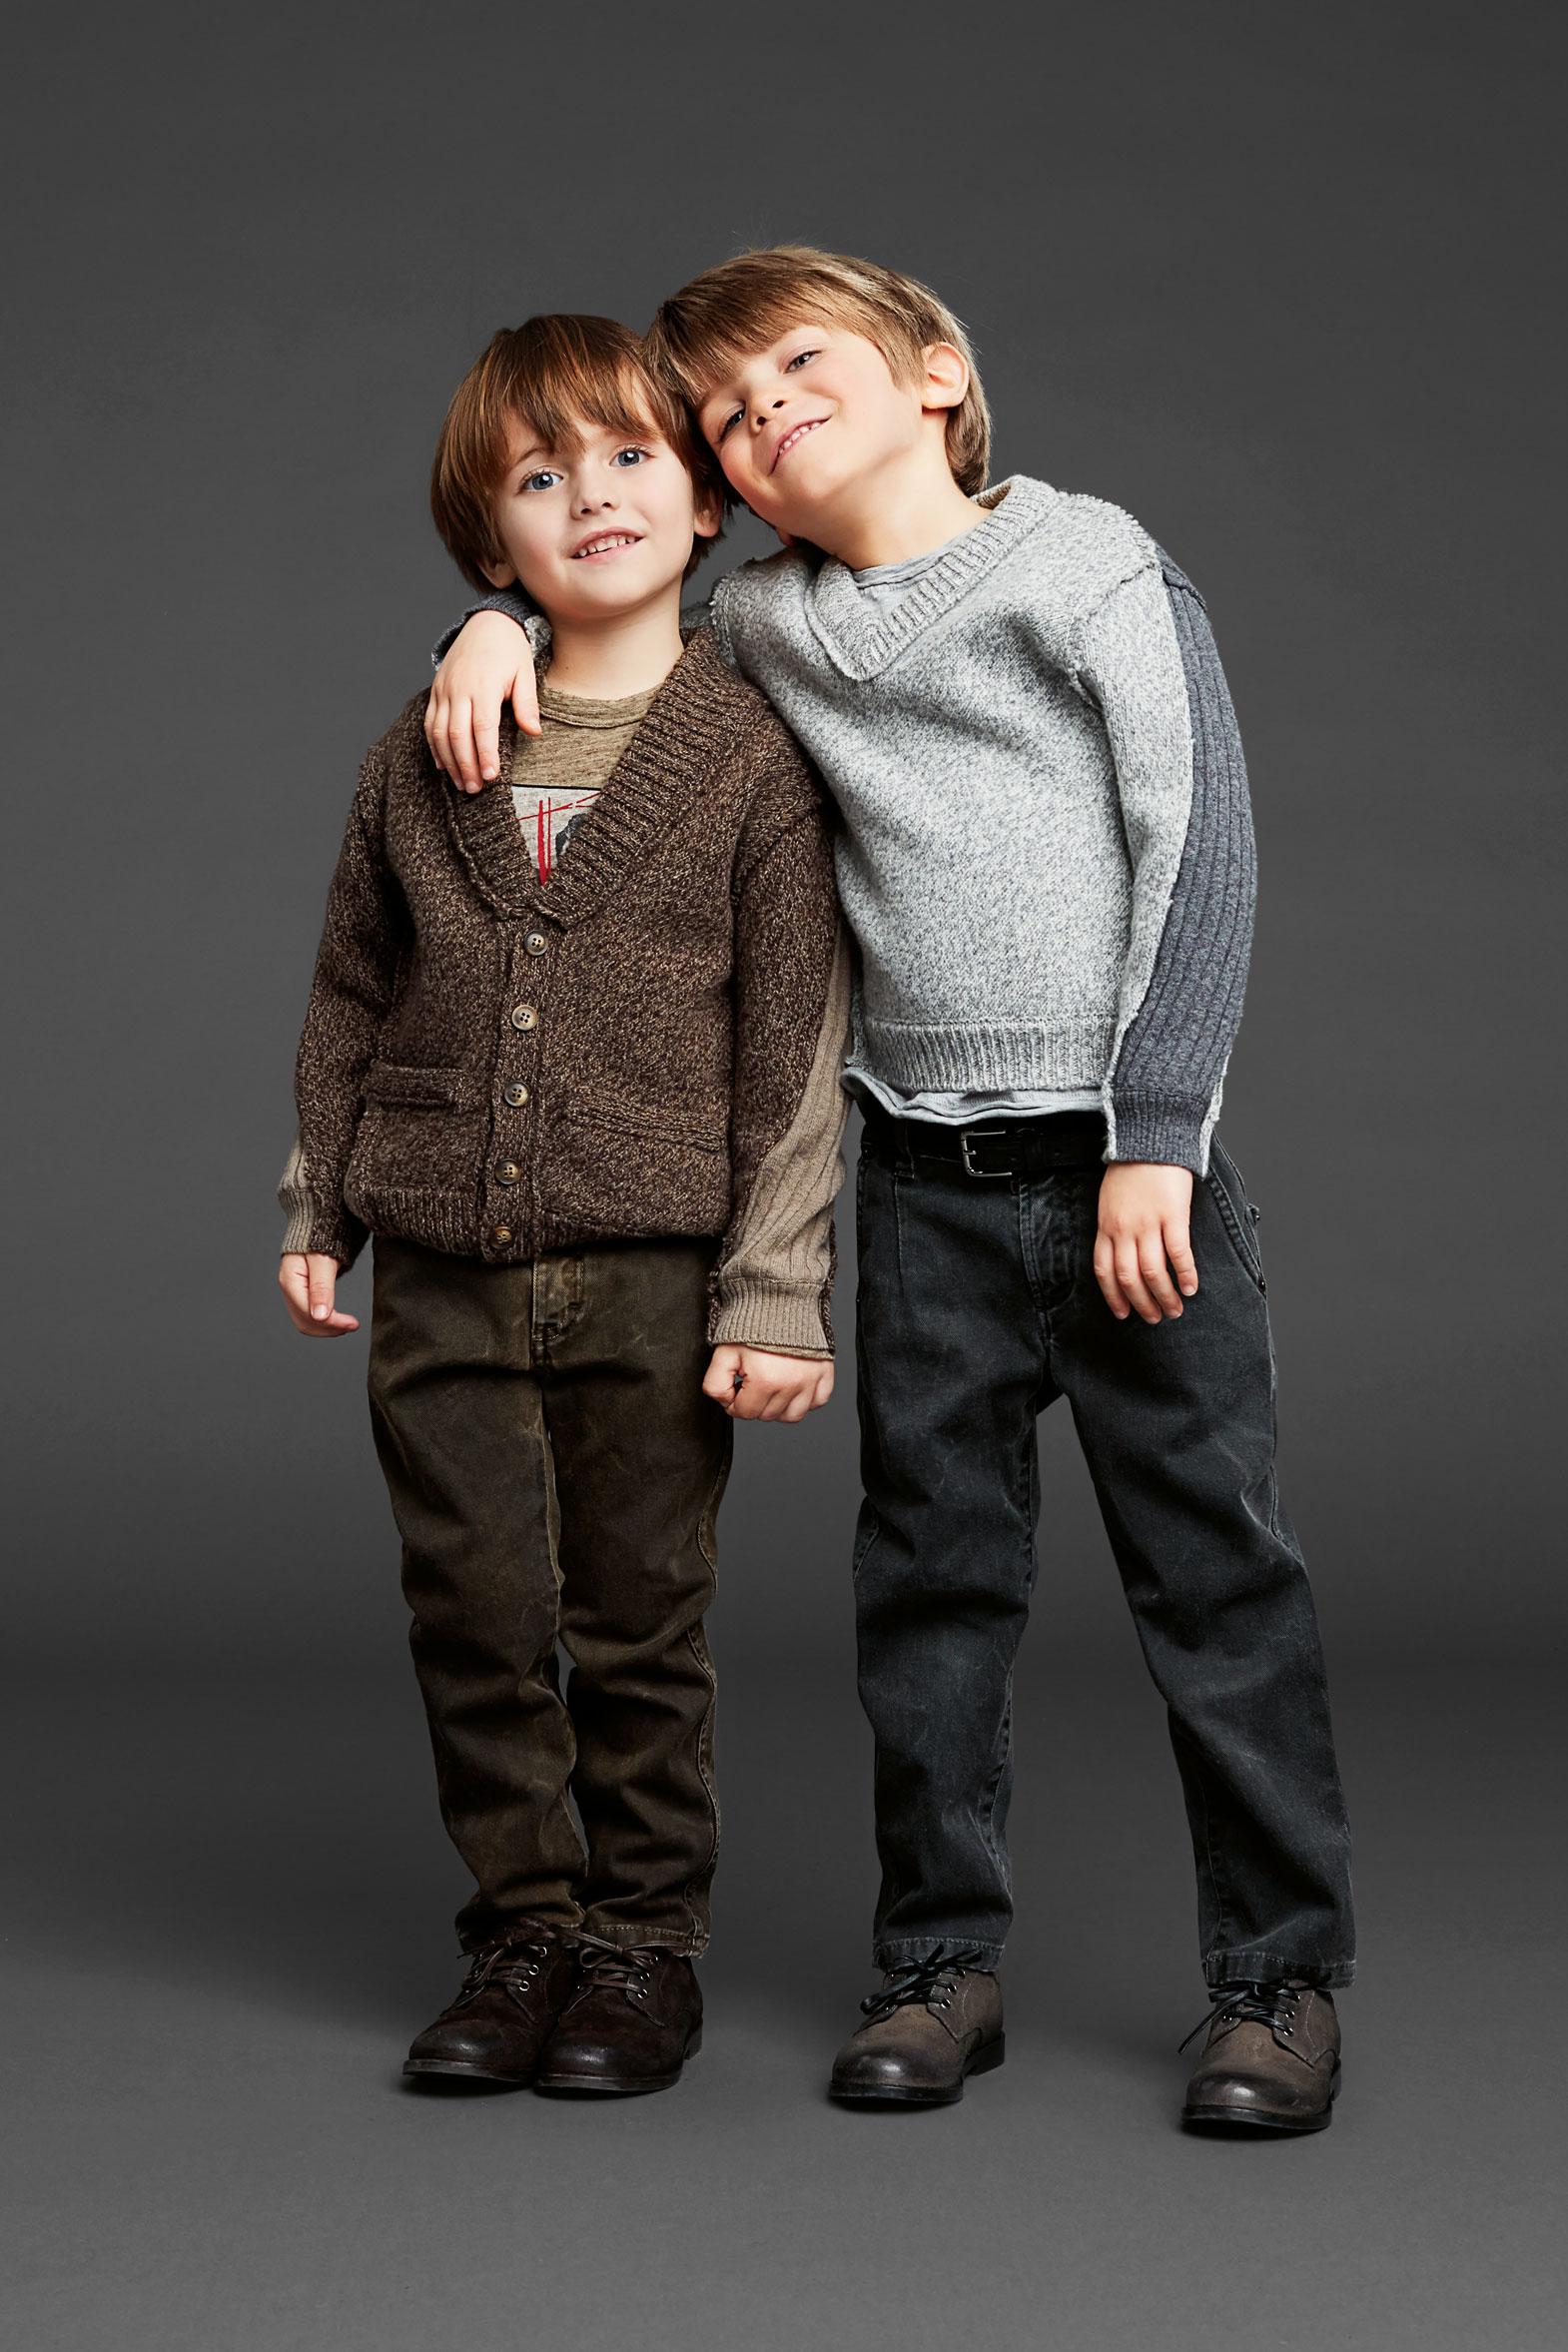 بالصور صور ملابس اطفال شتاء 2019 20160803 1327